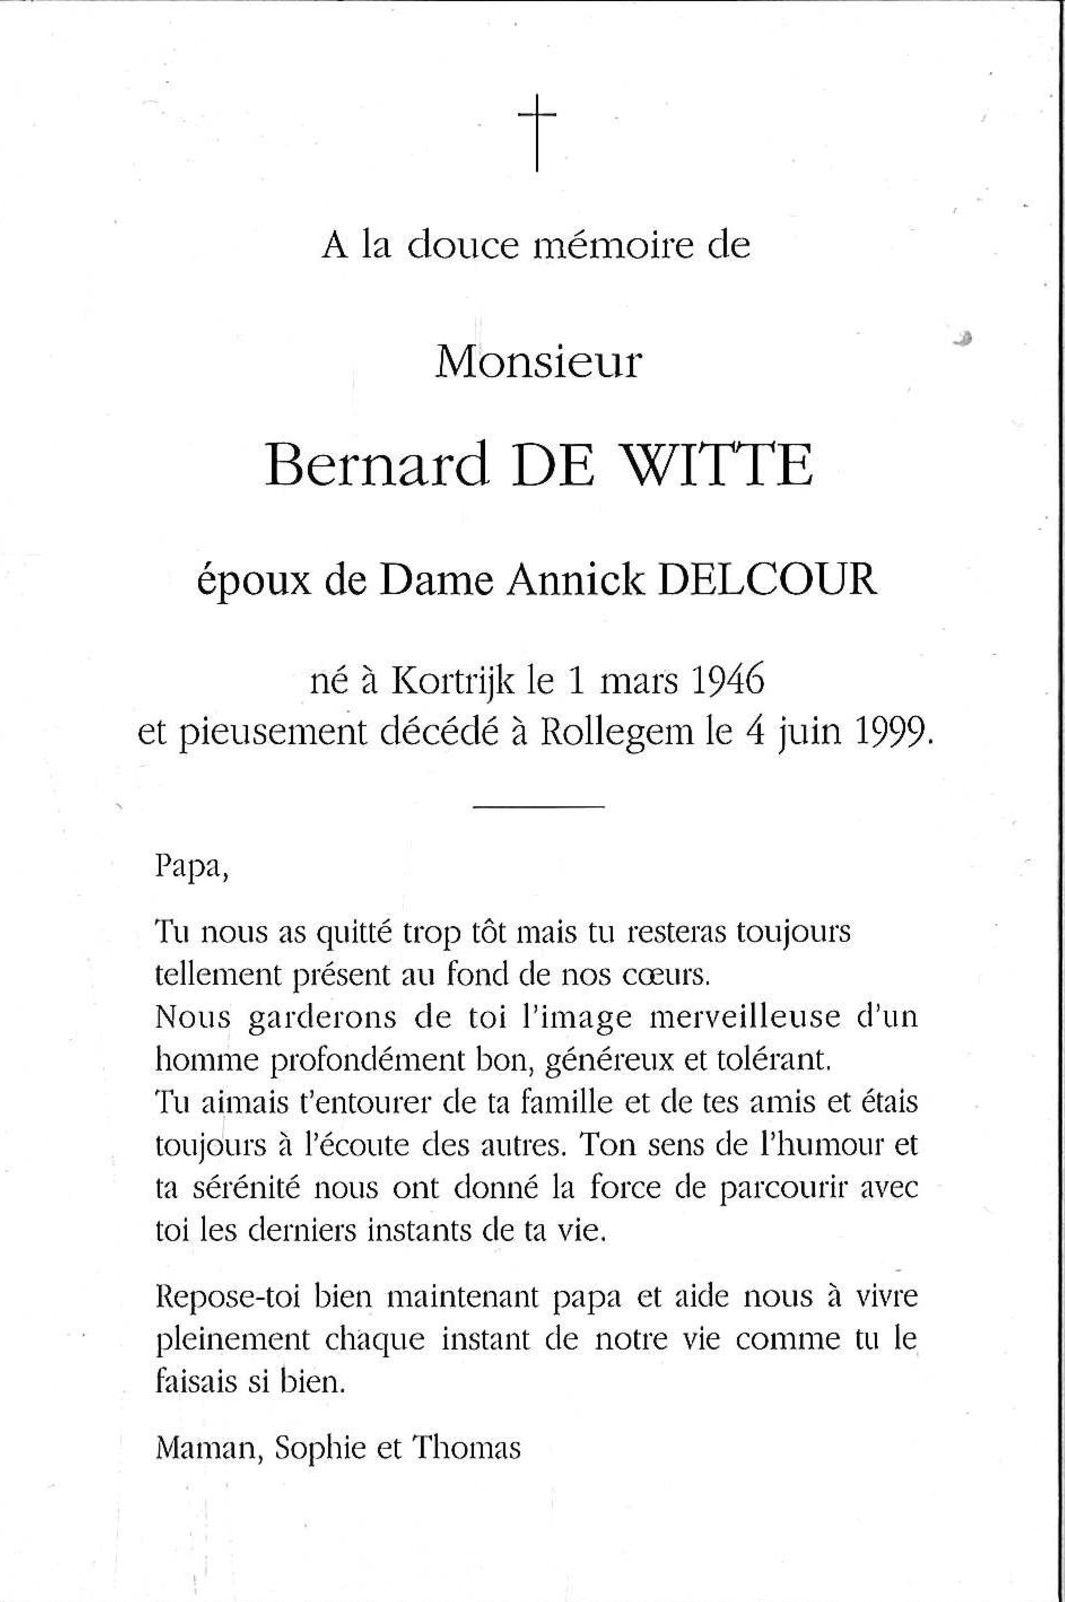 Bernard De Witte